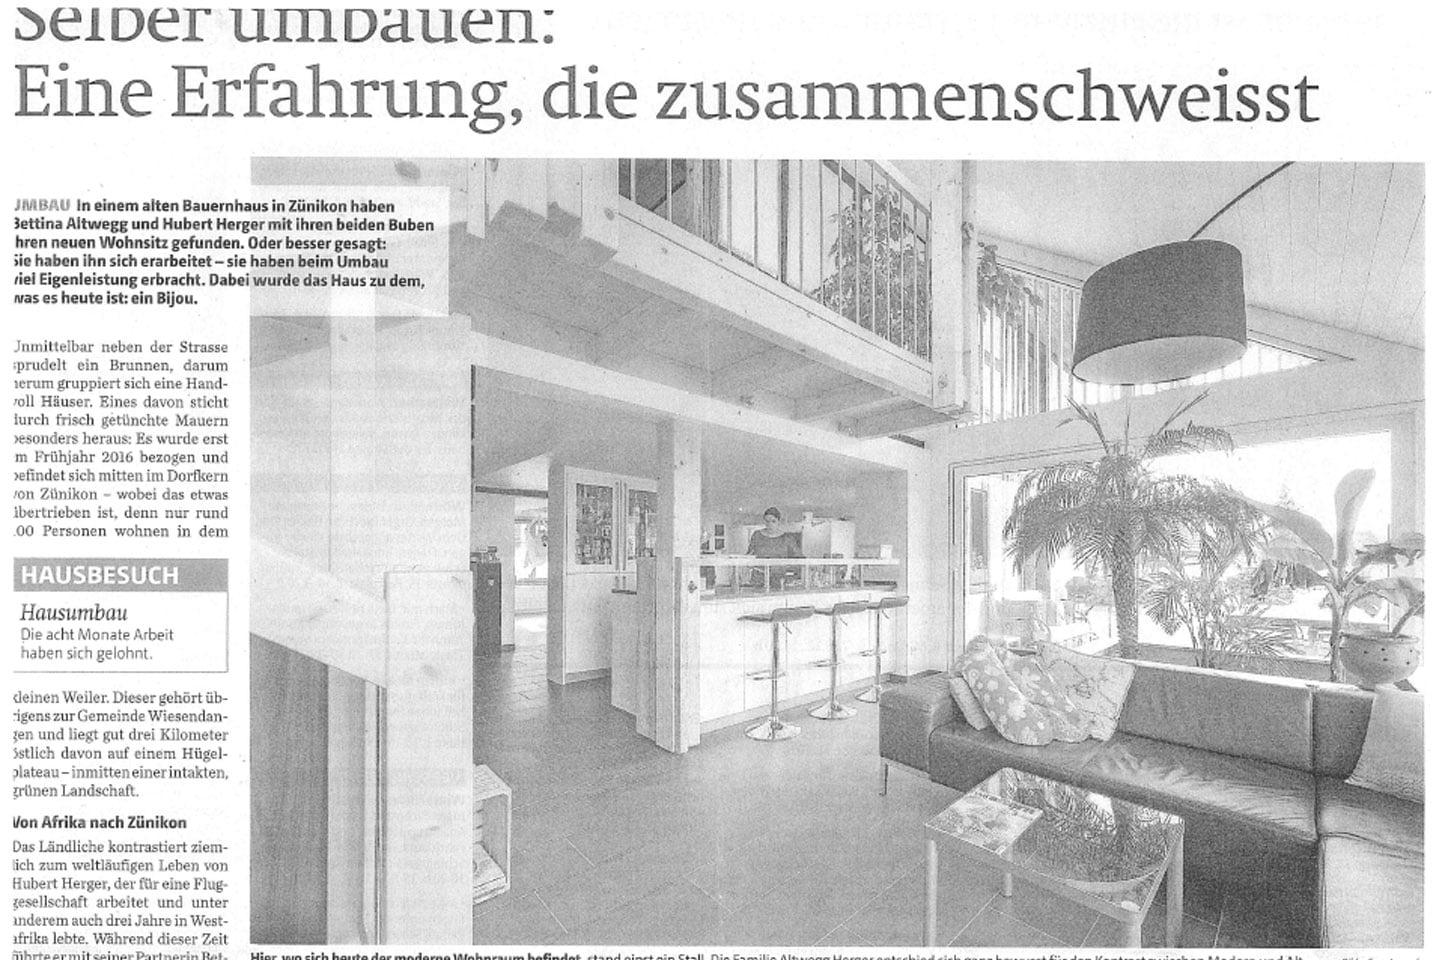 Umbau Bauernhaus in Zünikon